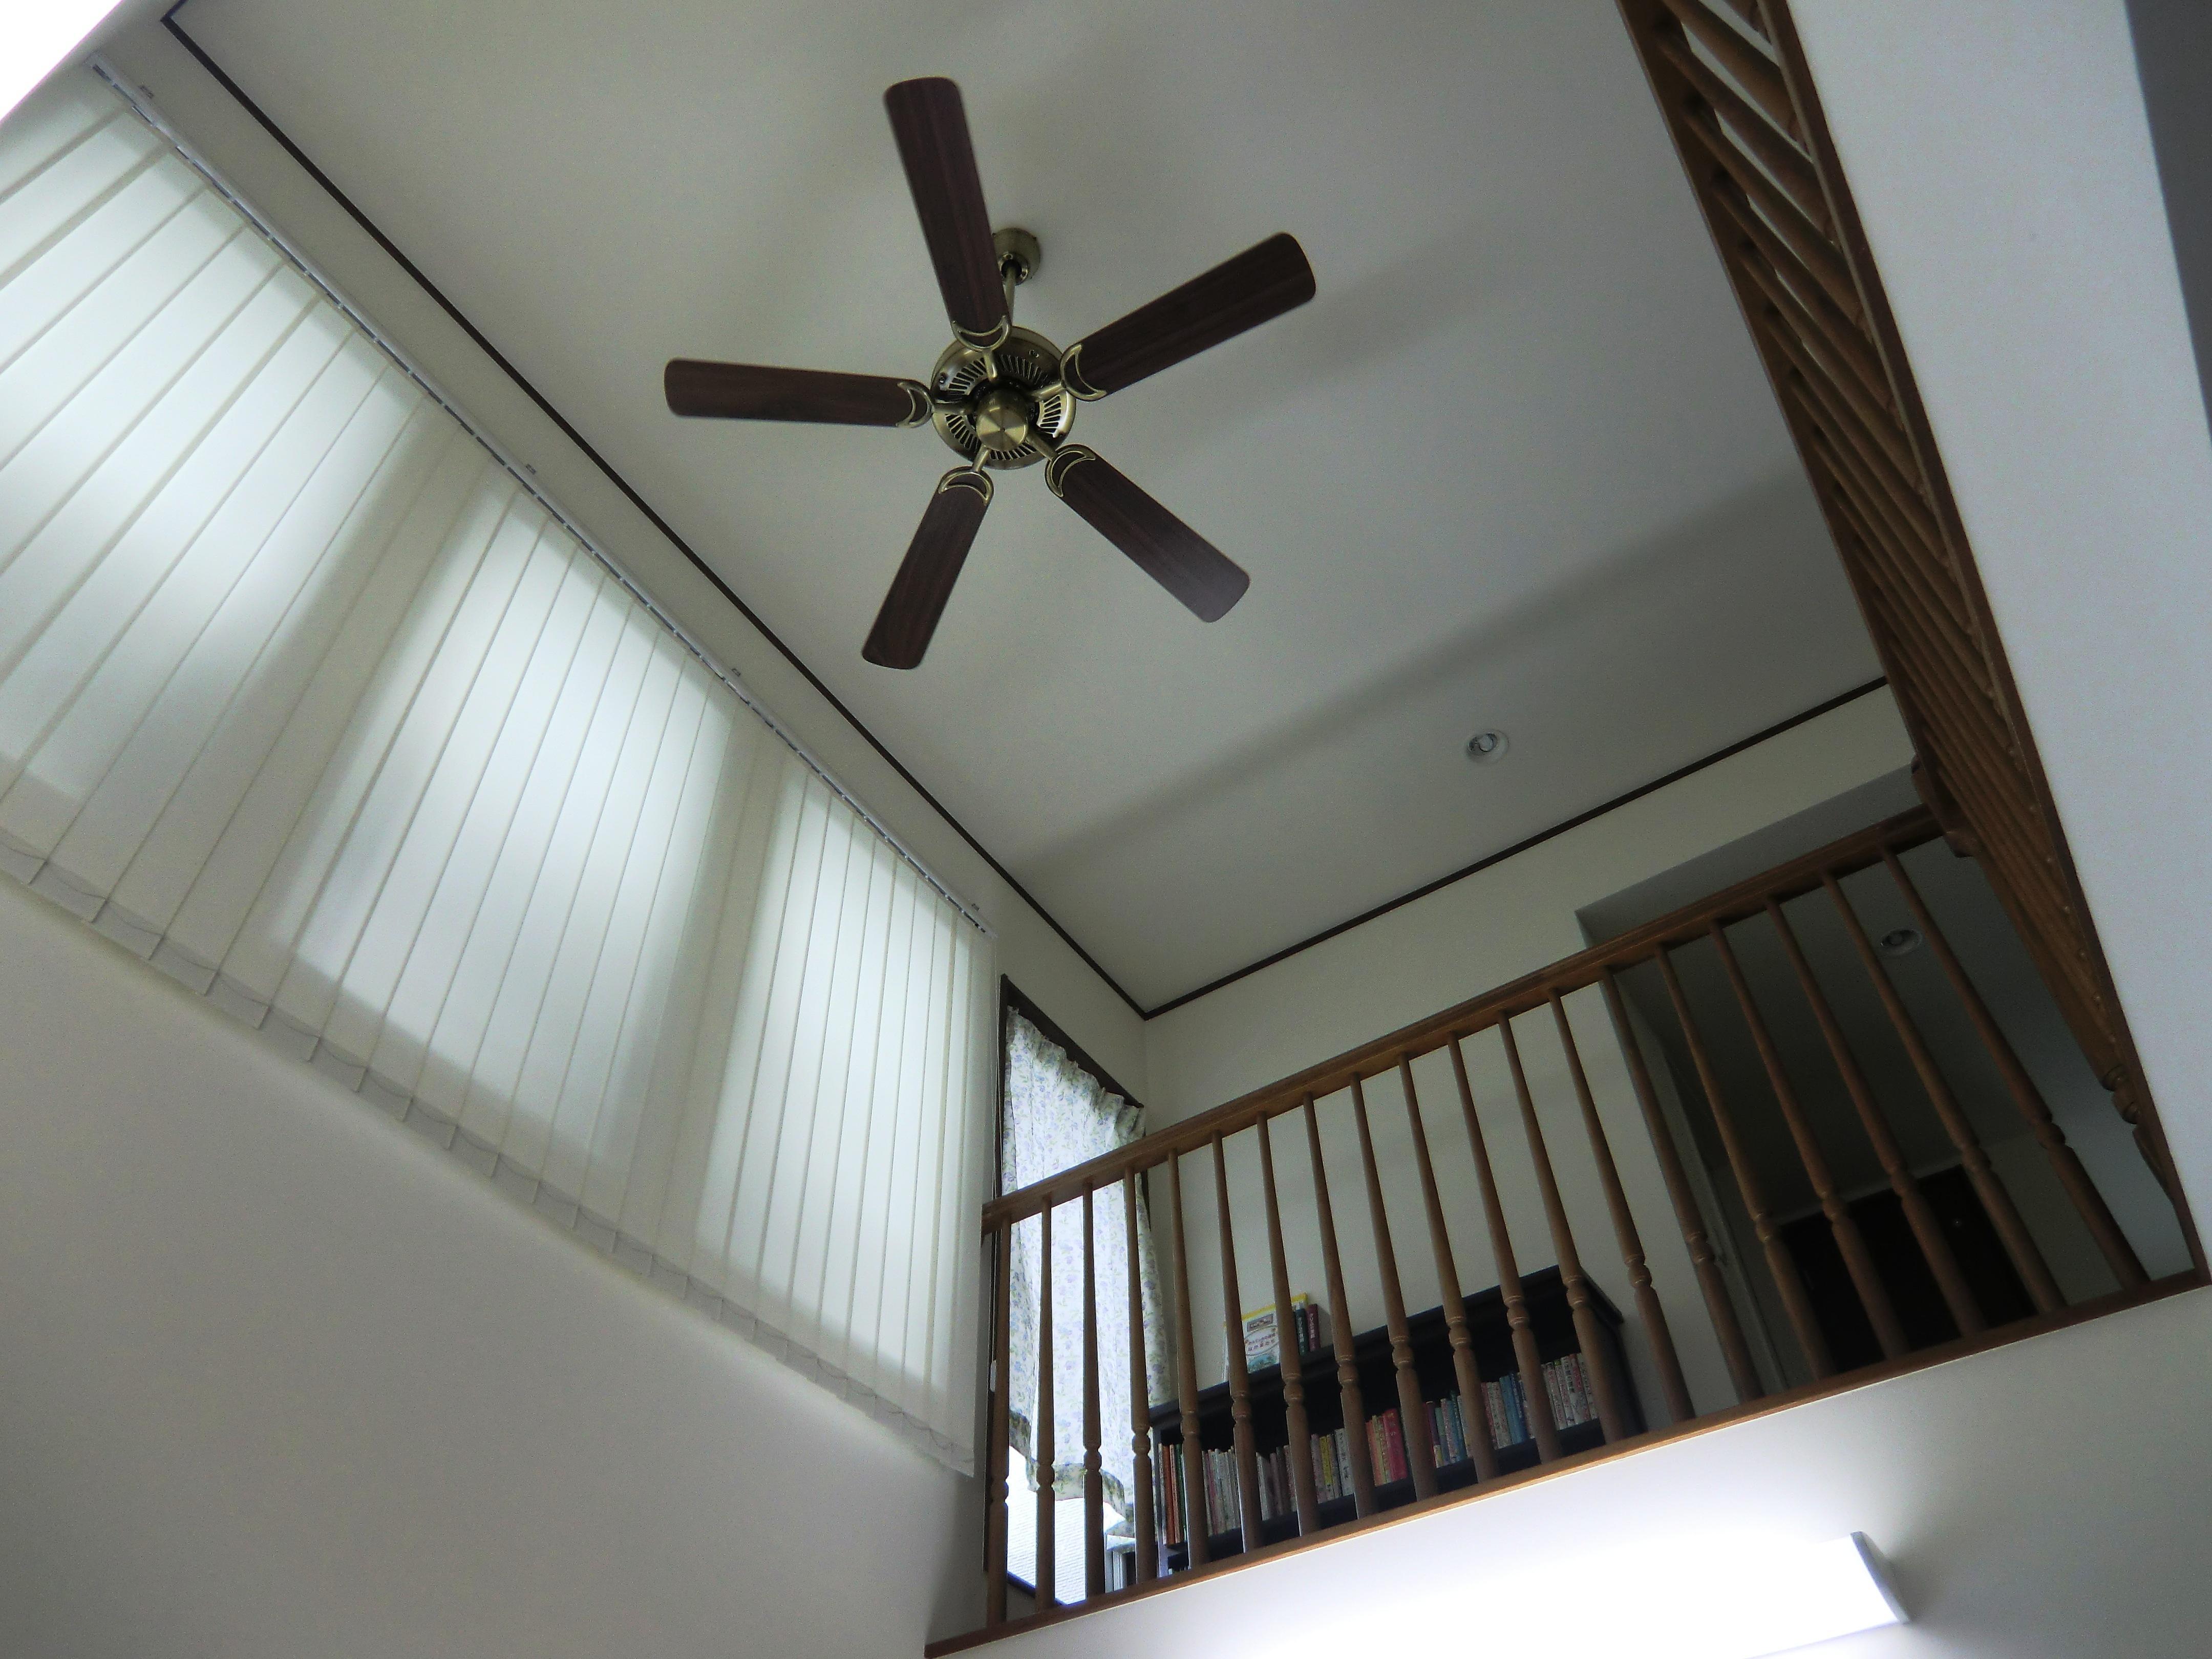 オール電化住宅:千葉県市川市S様邸の写真 吹き抜けの天井